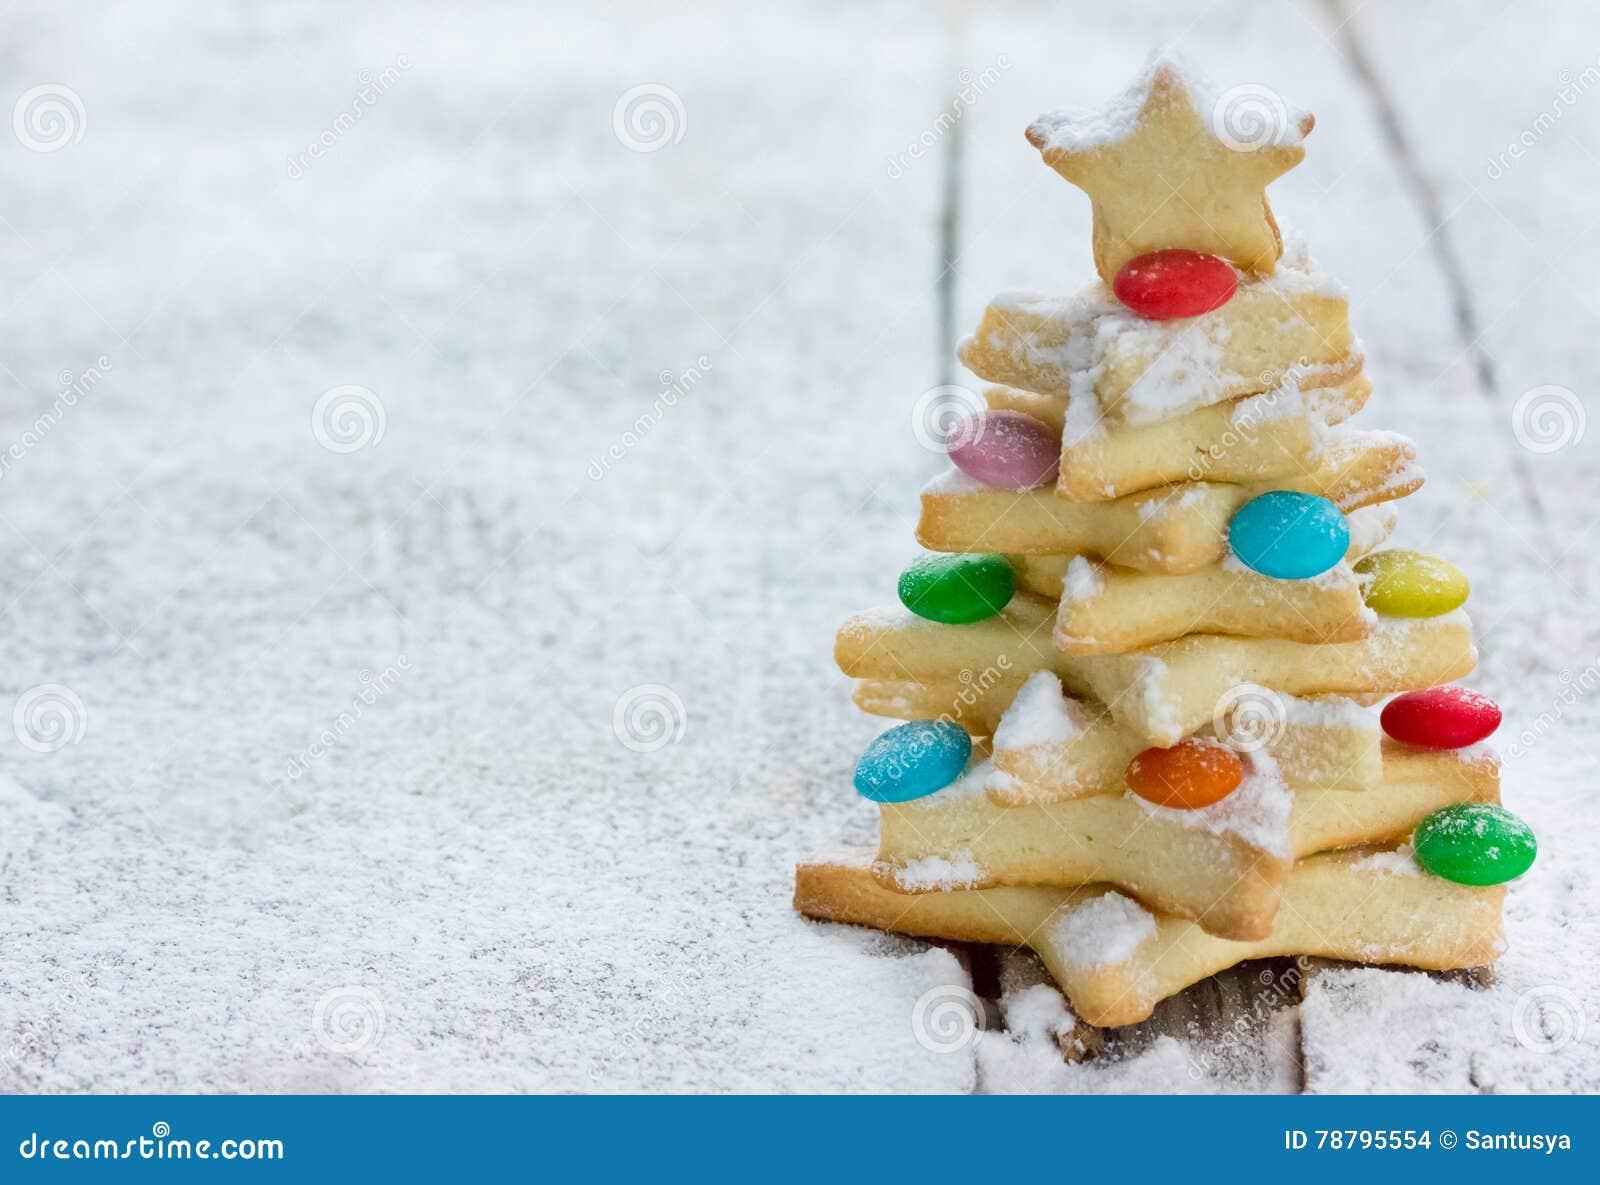 Albero Di Natale Fatto Con I Biscotti.Albero Di Natale Del Biscotto Fatto Dalla Taglierina Del Biscotto Della Stella Fotografia Stock Immagine Di Festa Festive 78795554